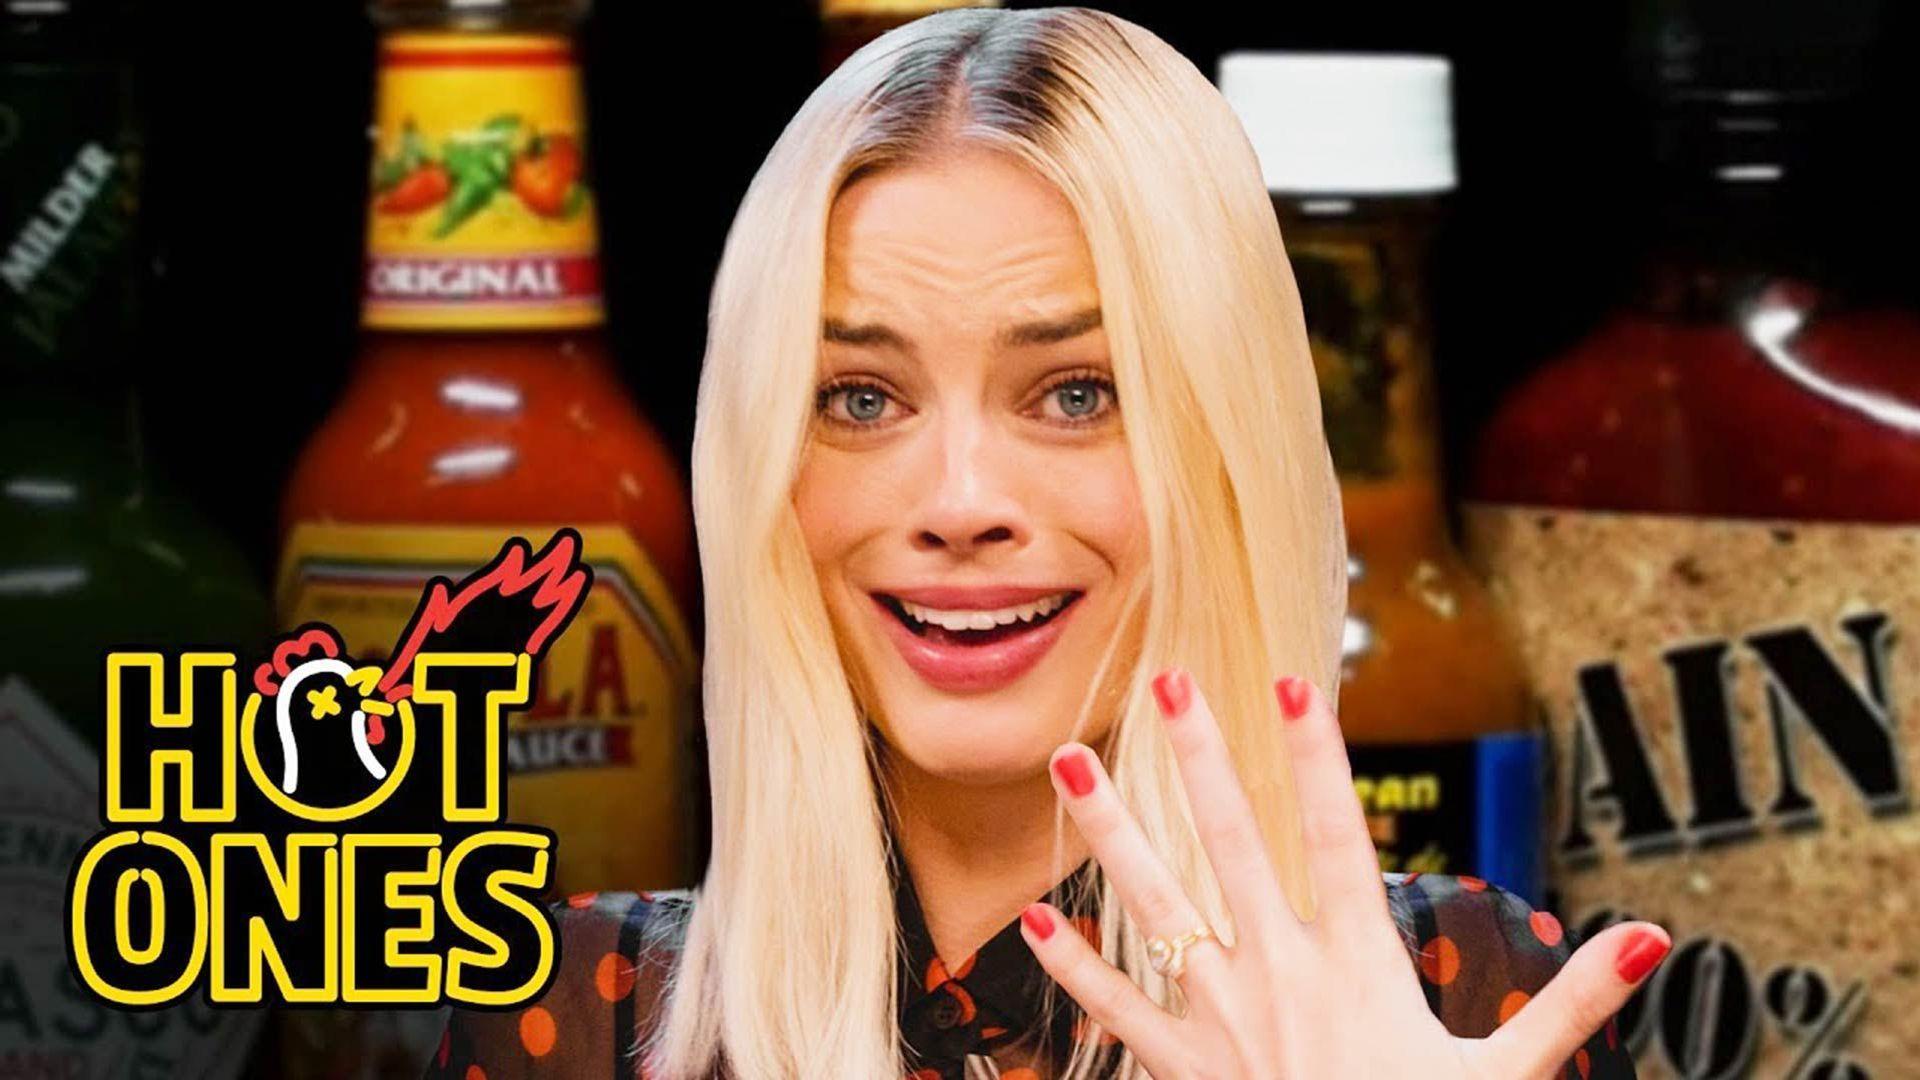 margot robbie burns her lips on hot ones